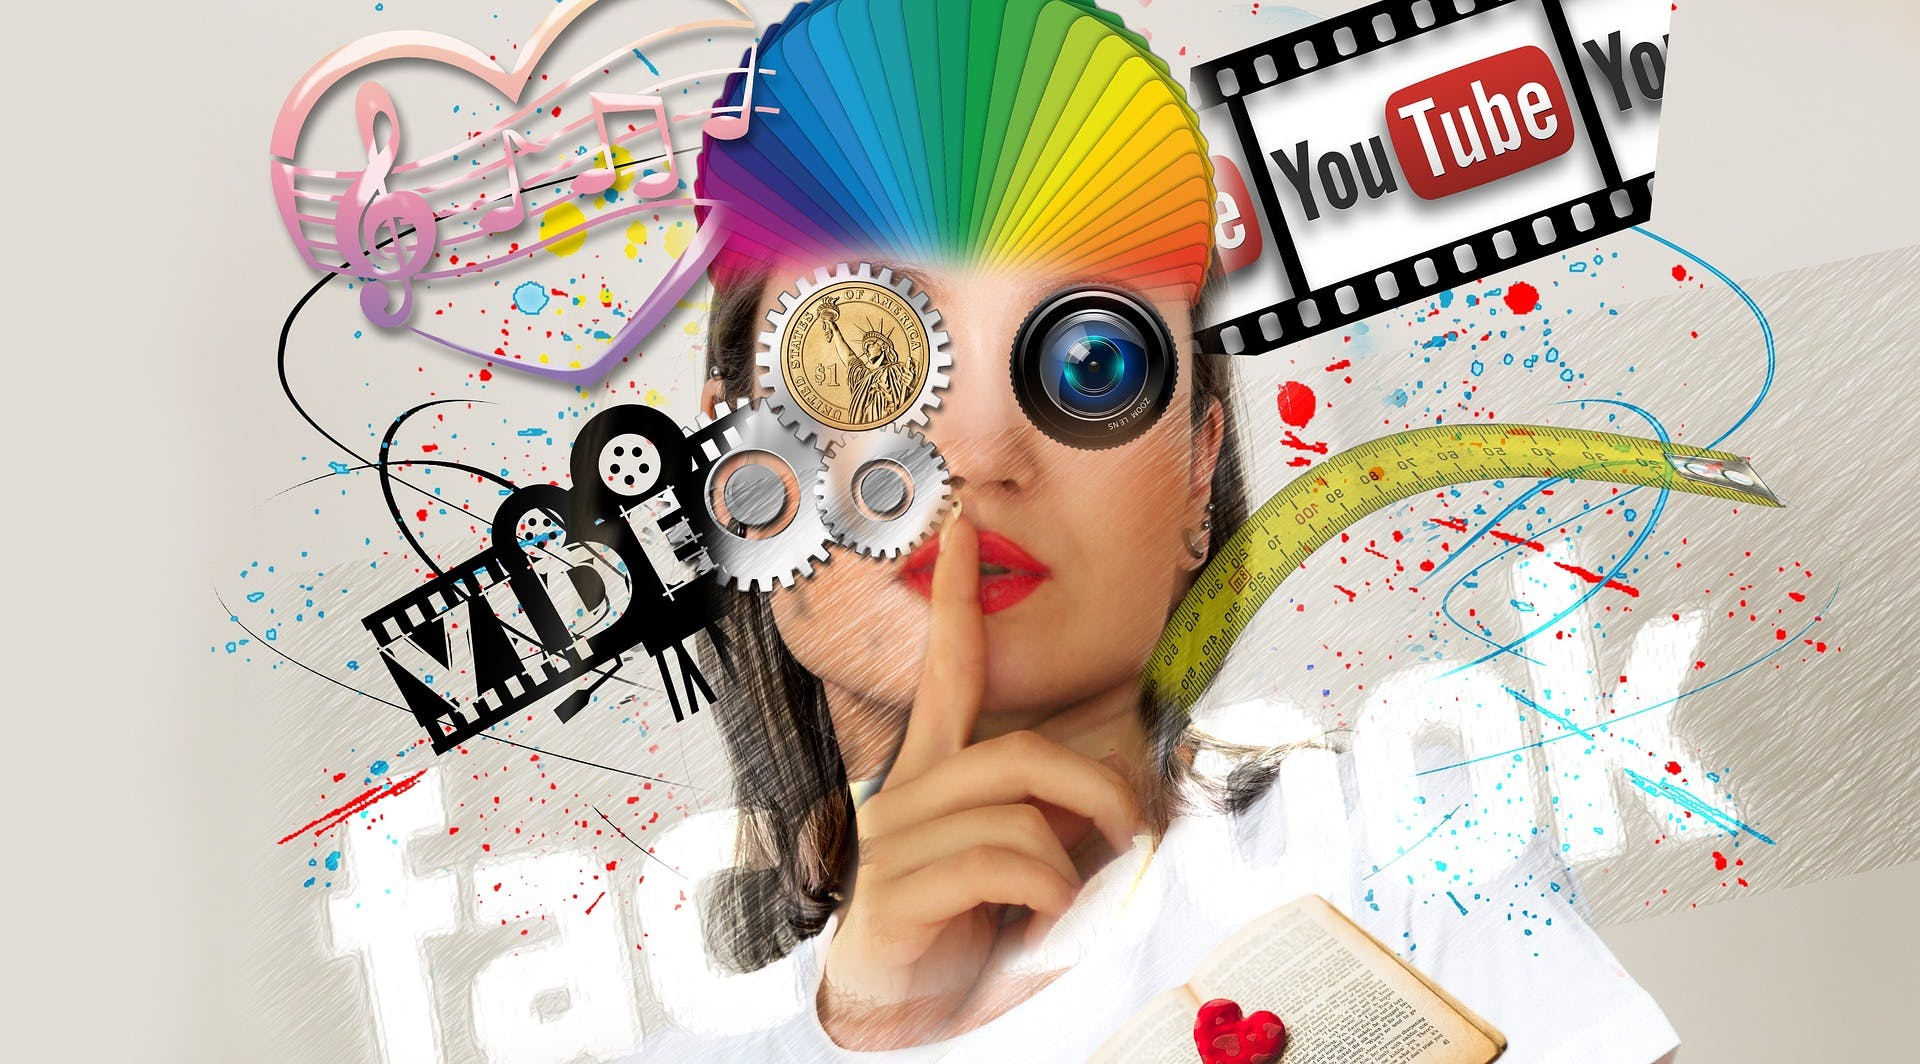 En kvinnas ansikte där det har redigerats in sociala medier logo:r och andra detaljer